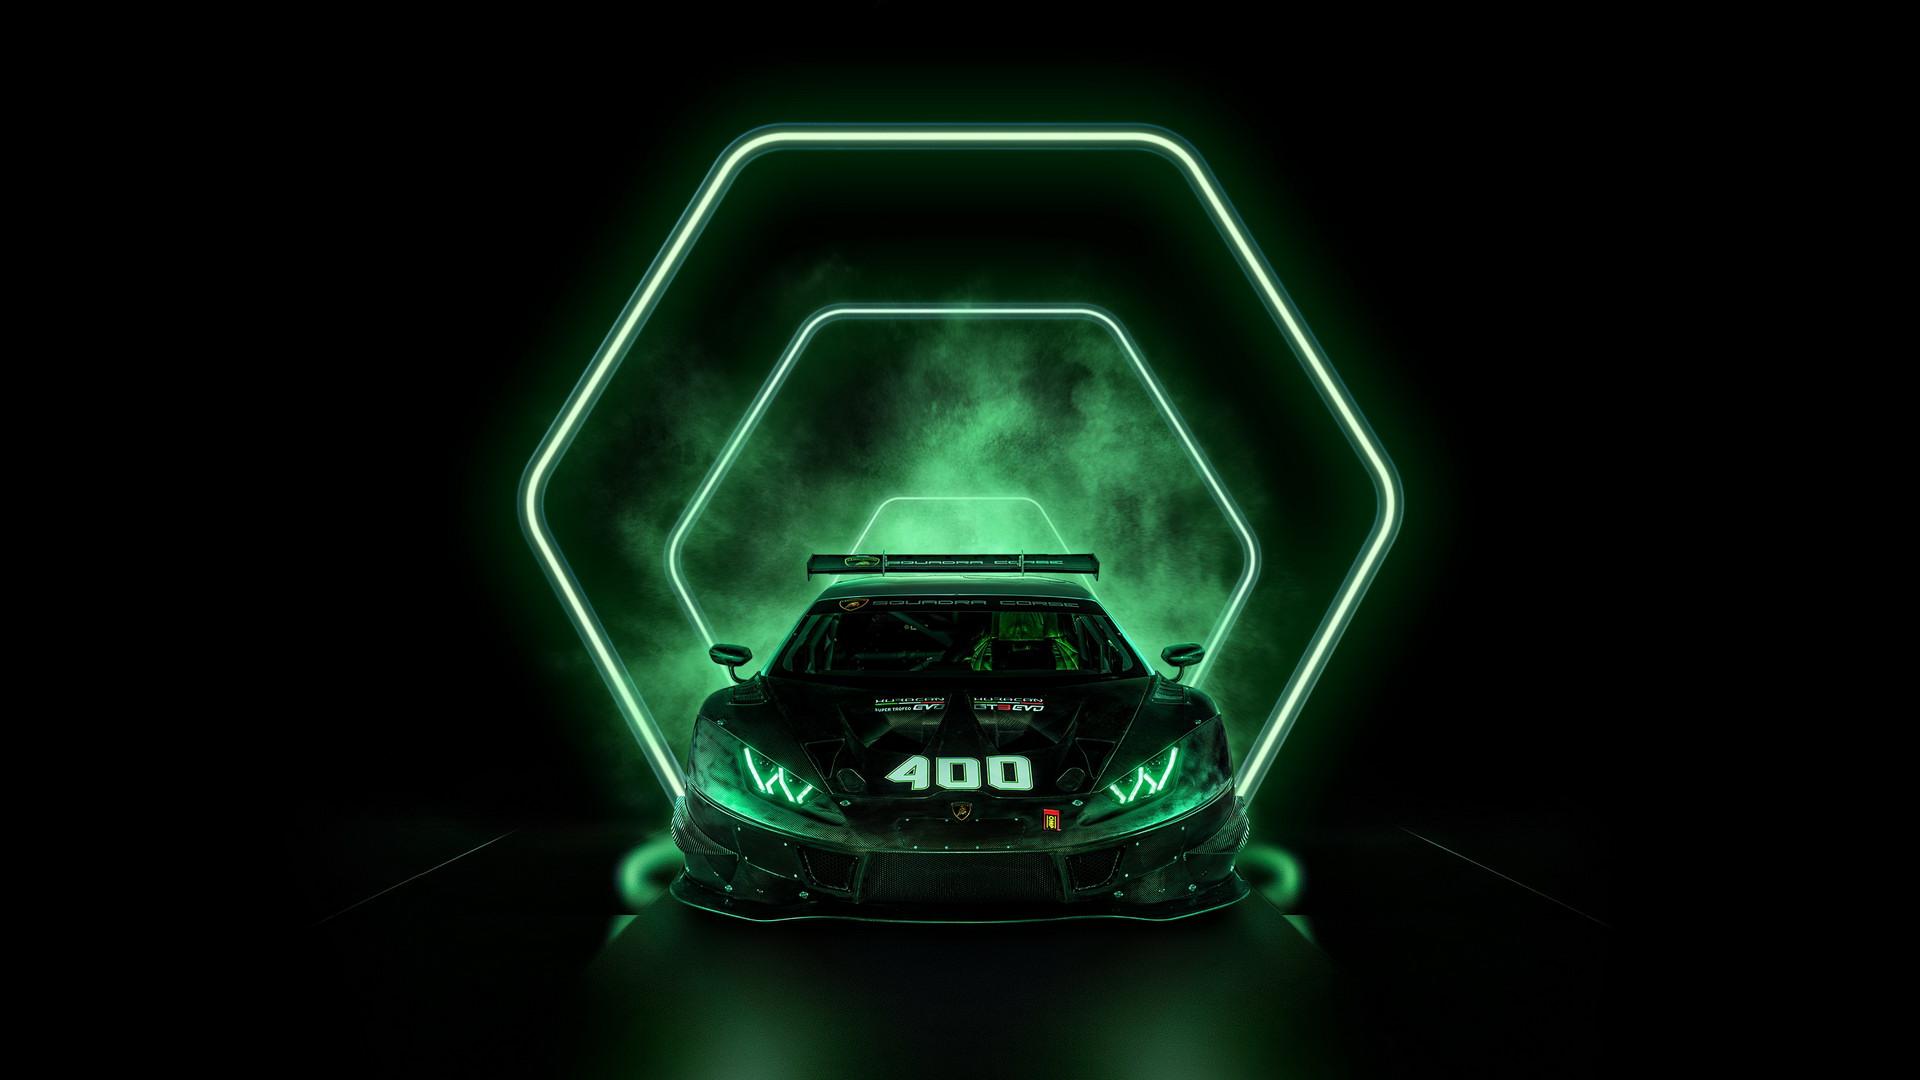 Xe-đua-Lamborghini-Huracan-thứ-400 (1).jpg